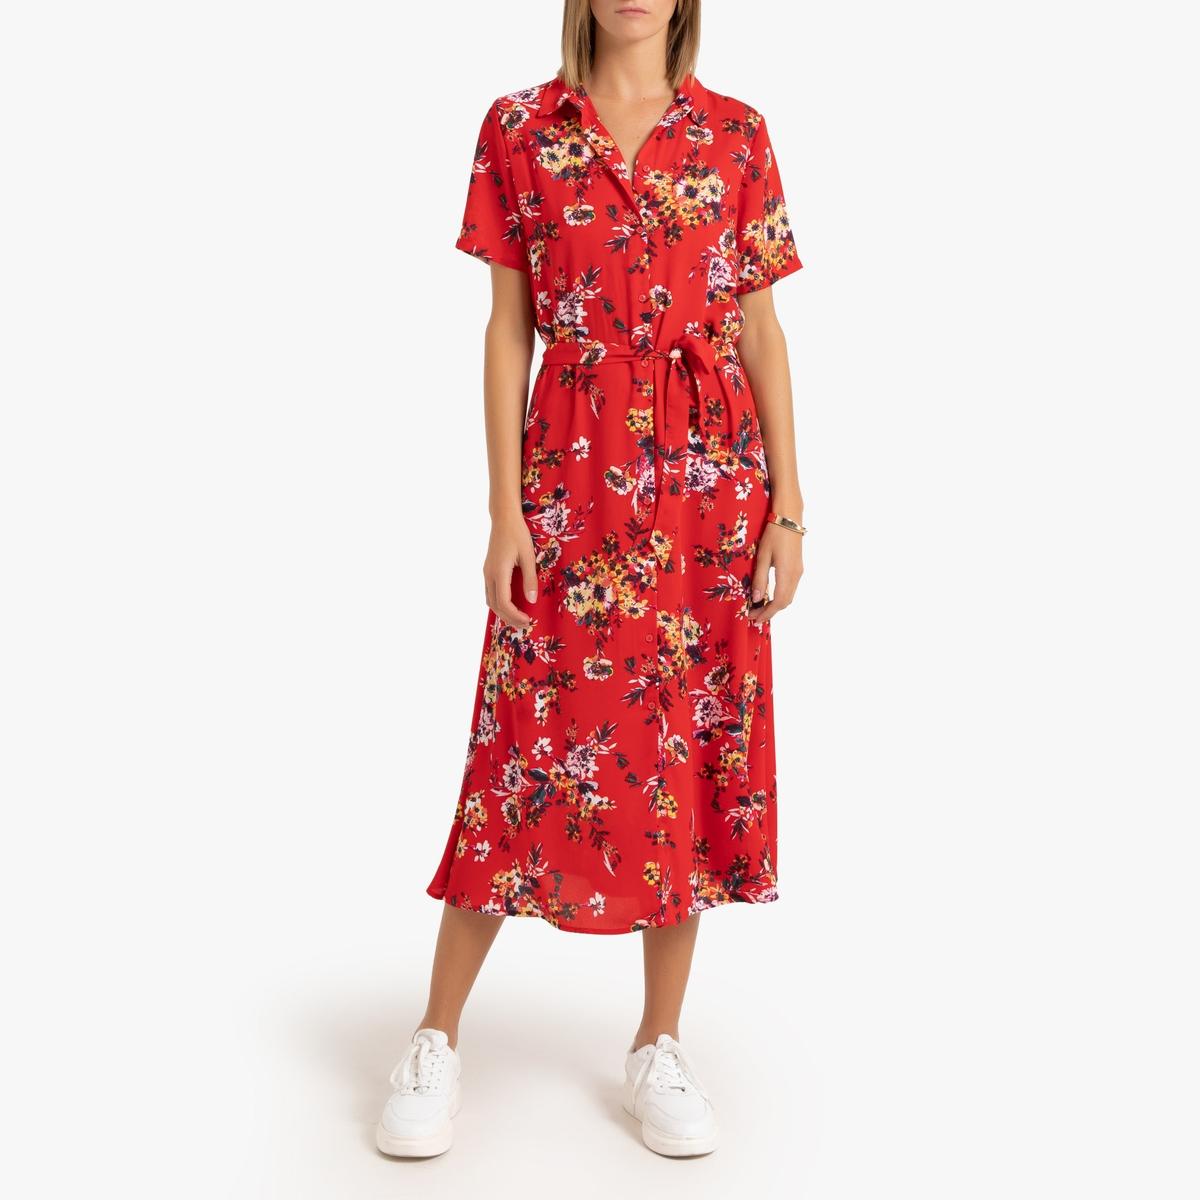 Платье-рубашка La Redoute Длинное с цветочным рисунком 34 (FR) - 40 (RUS) красный платье la redoute длинное с цветочным рисунком и напускным эффектом 34 fr 40 rus черный